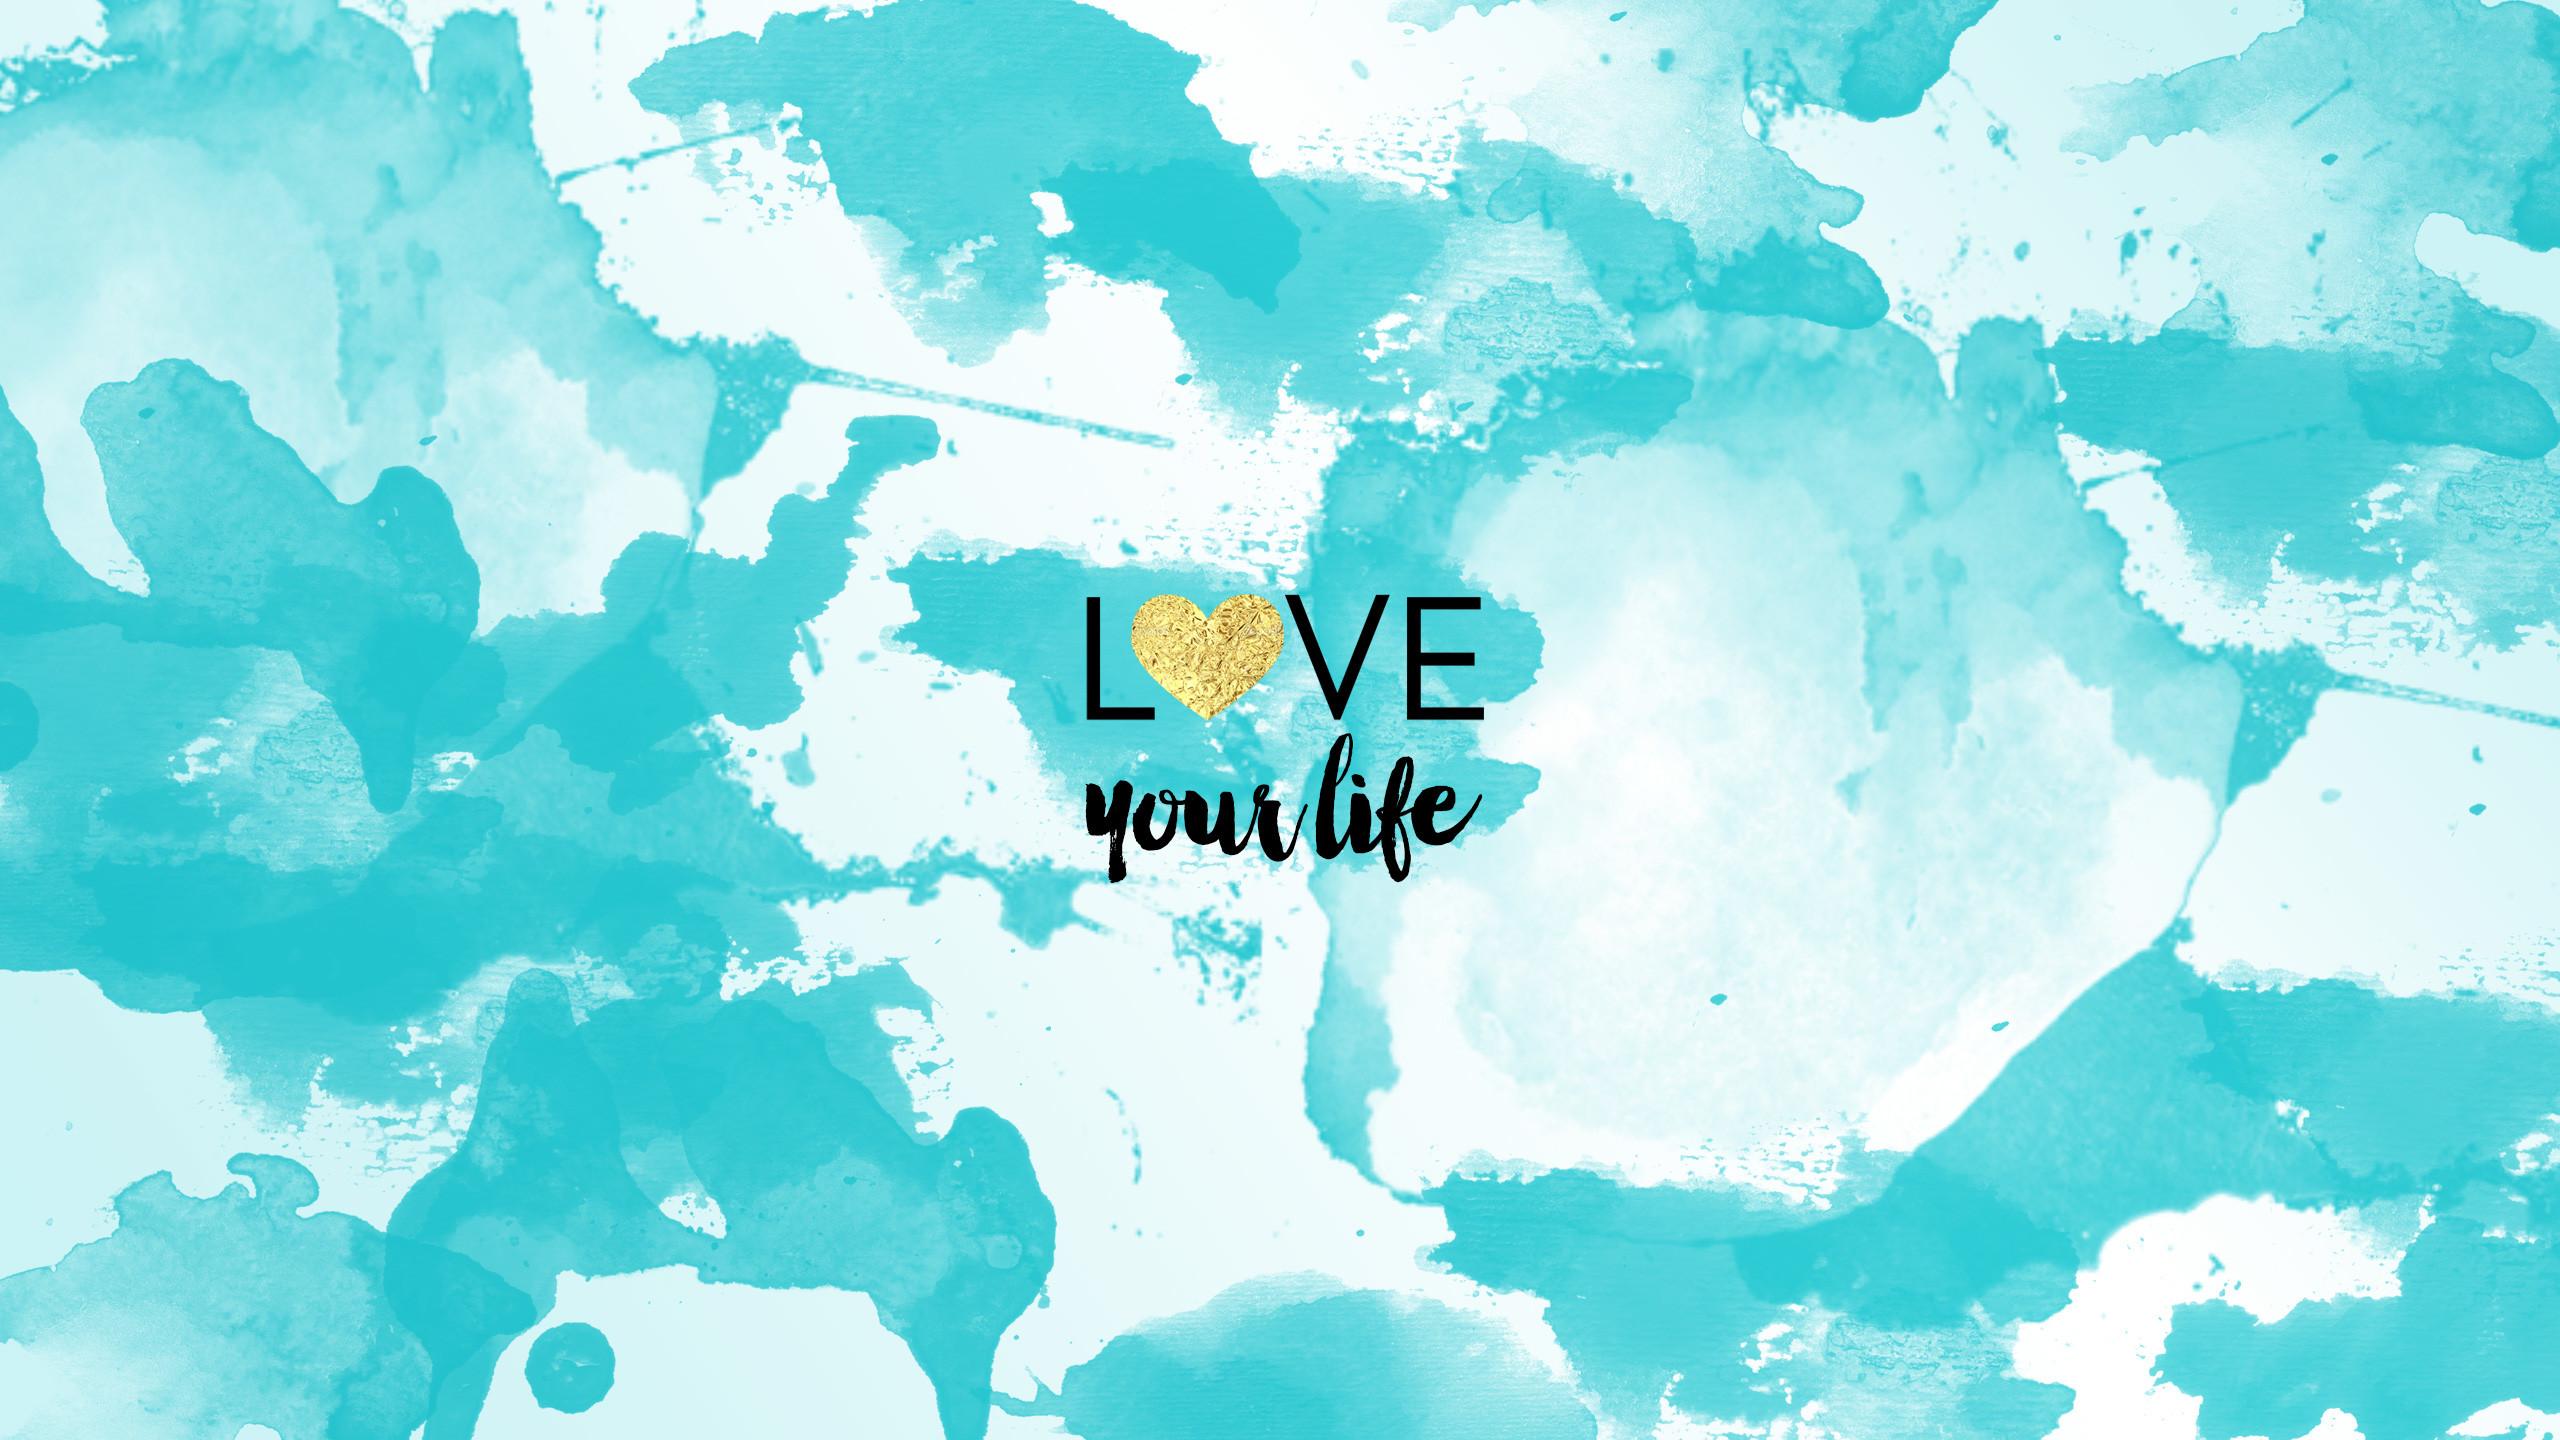 Live Laugh Love Desktop Wallpaper 57 Images